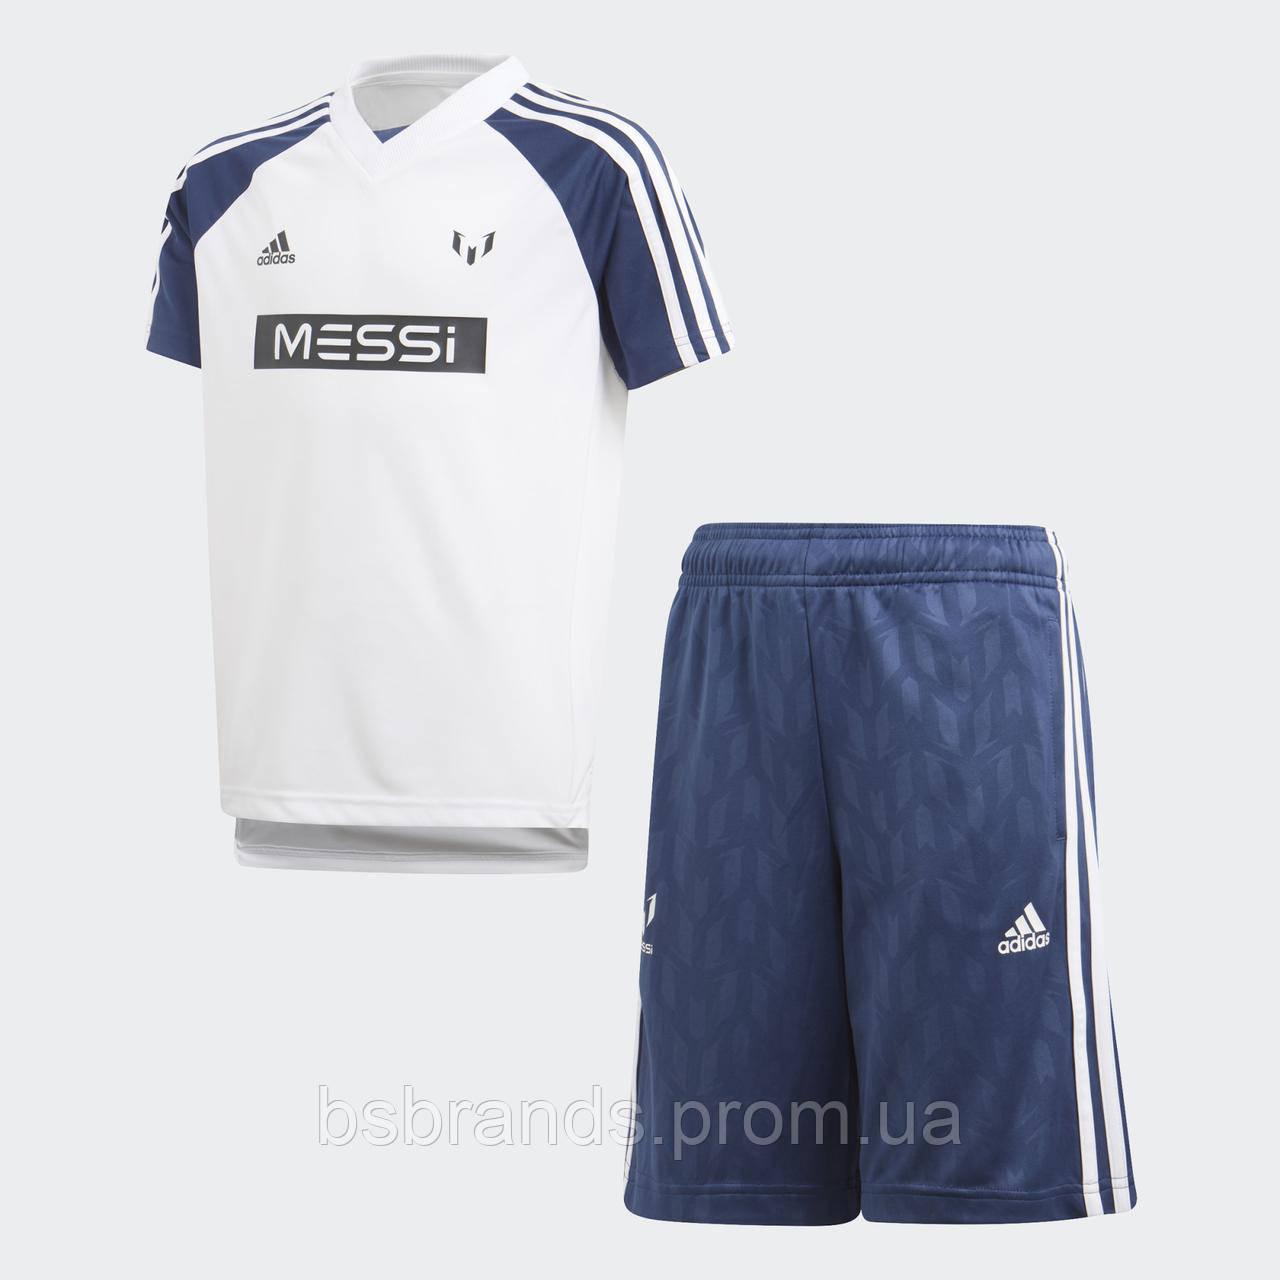 Детский спортивный костюм adidas Messi Summer FL2751 (2020/1)